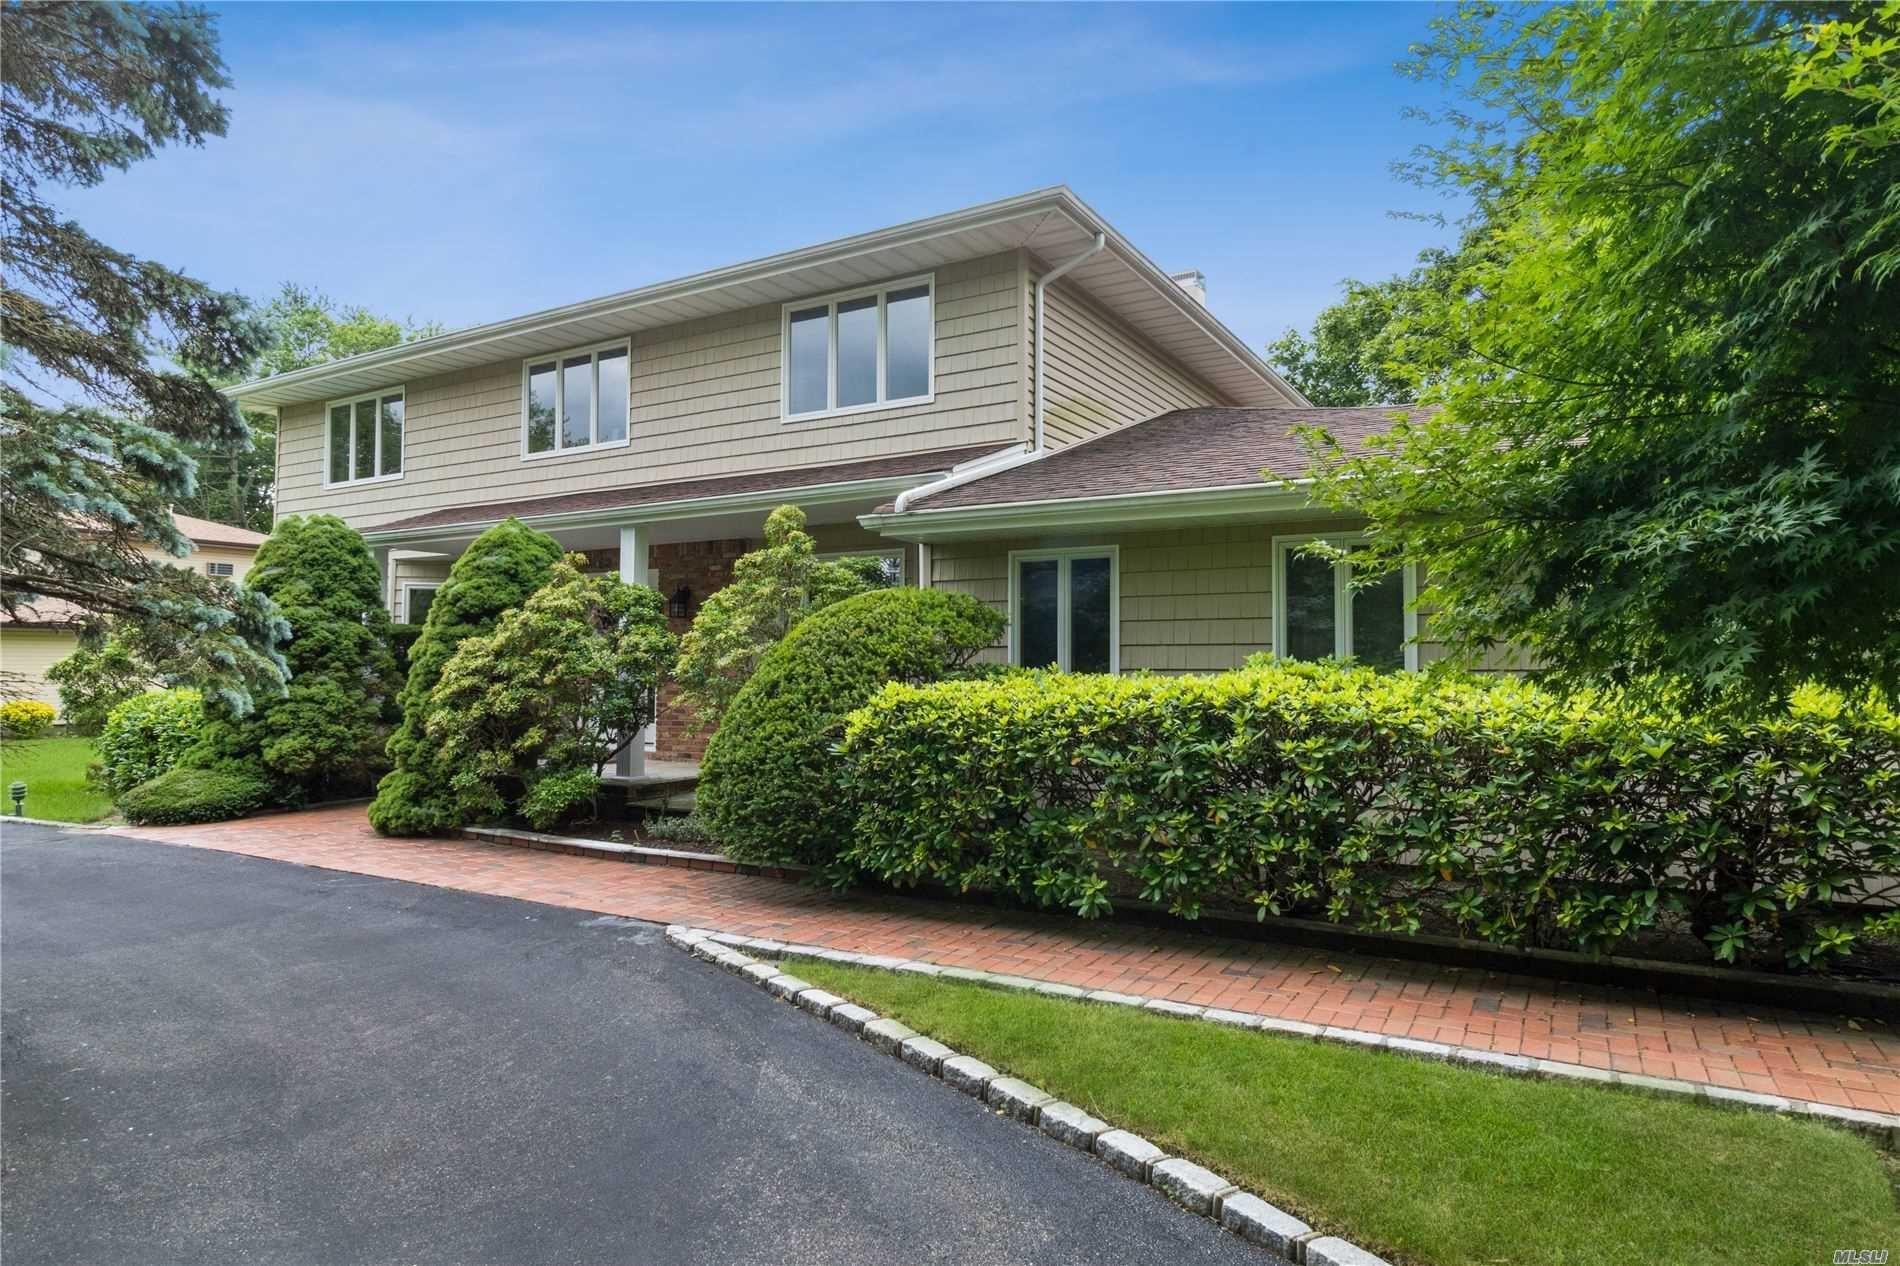 62 Bonaire Dr, Dix Hills, NY 11746 - MLS#: 3234830